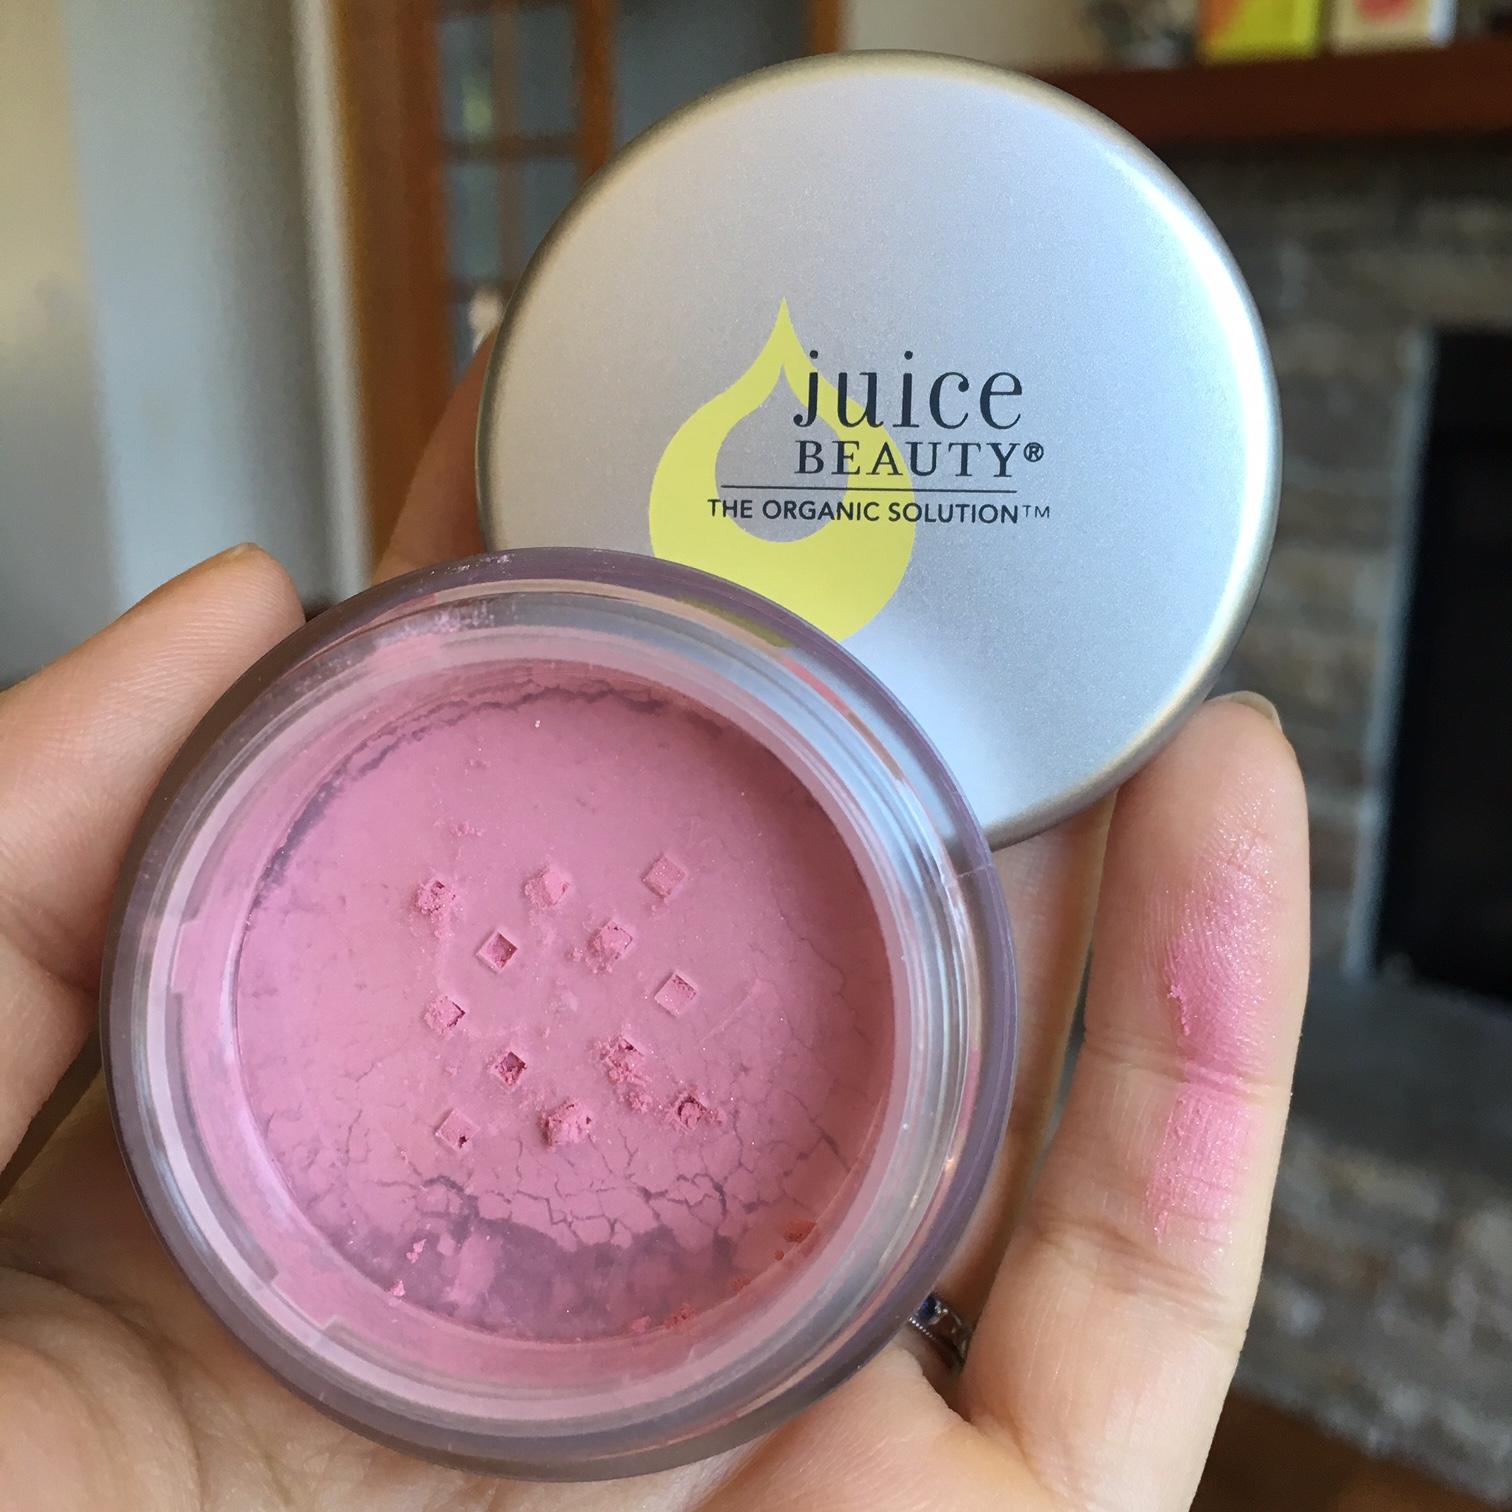 Juice Beauty Glowing Cheek Color